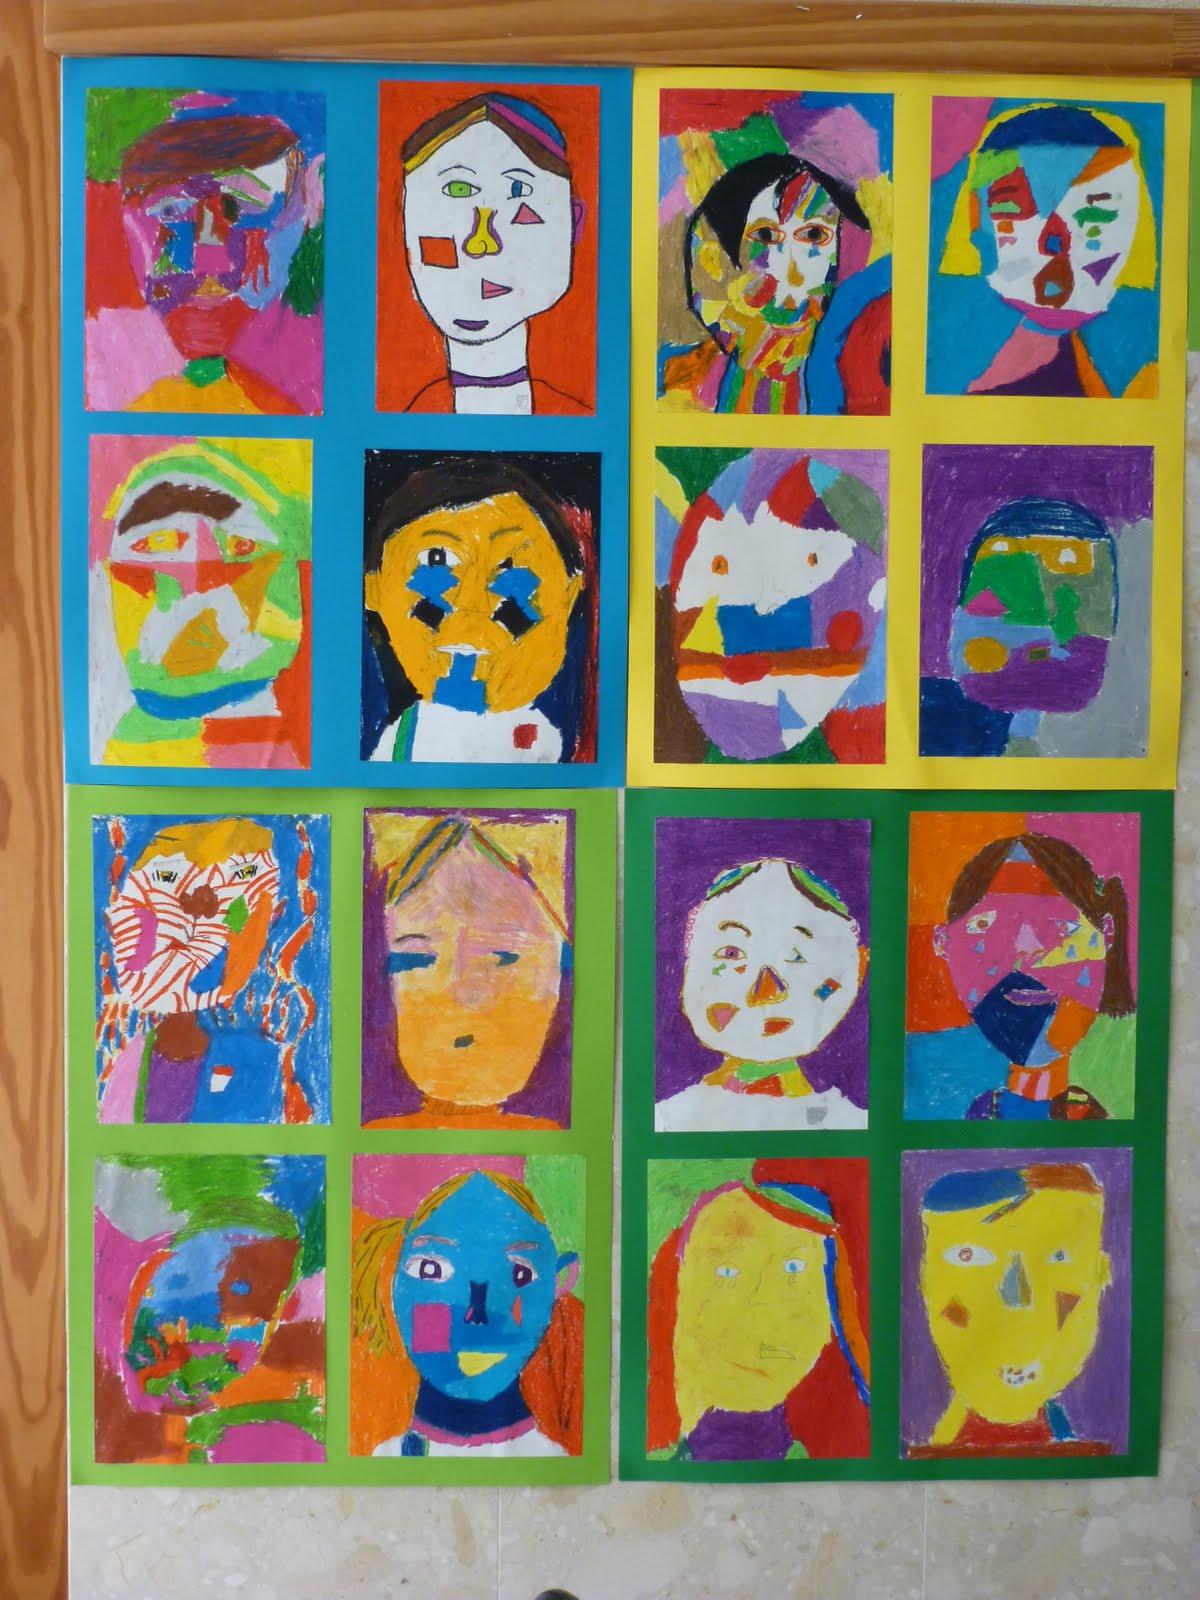 http://1.bp.blogspot.com/_iuoh06kplyw/TLw4jni4qDI/AAAAAAAAAqo/G6SKH5e7l3o/s1600/picasso%252Bportriats.JPG